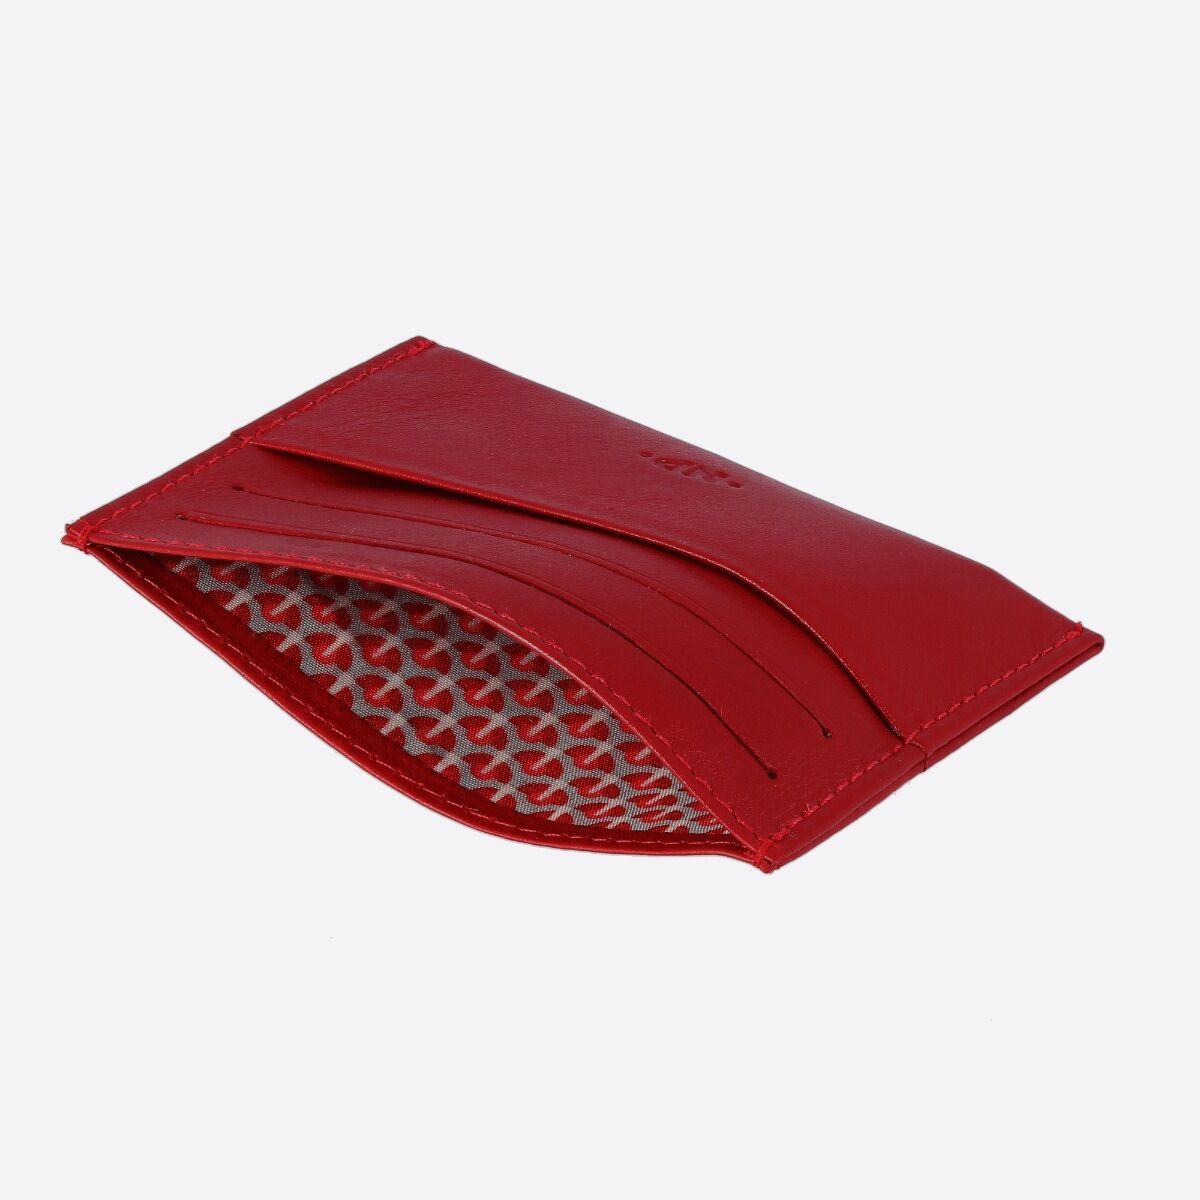 NUVOLA PELLE ארנק מינימלסטי עם 7 תאים - אדום